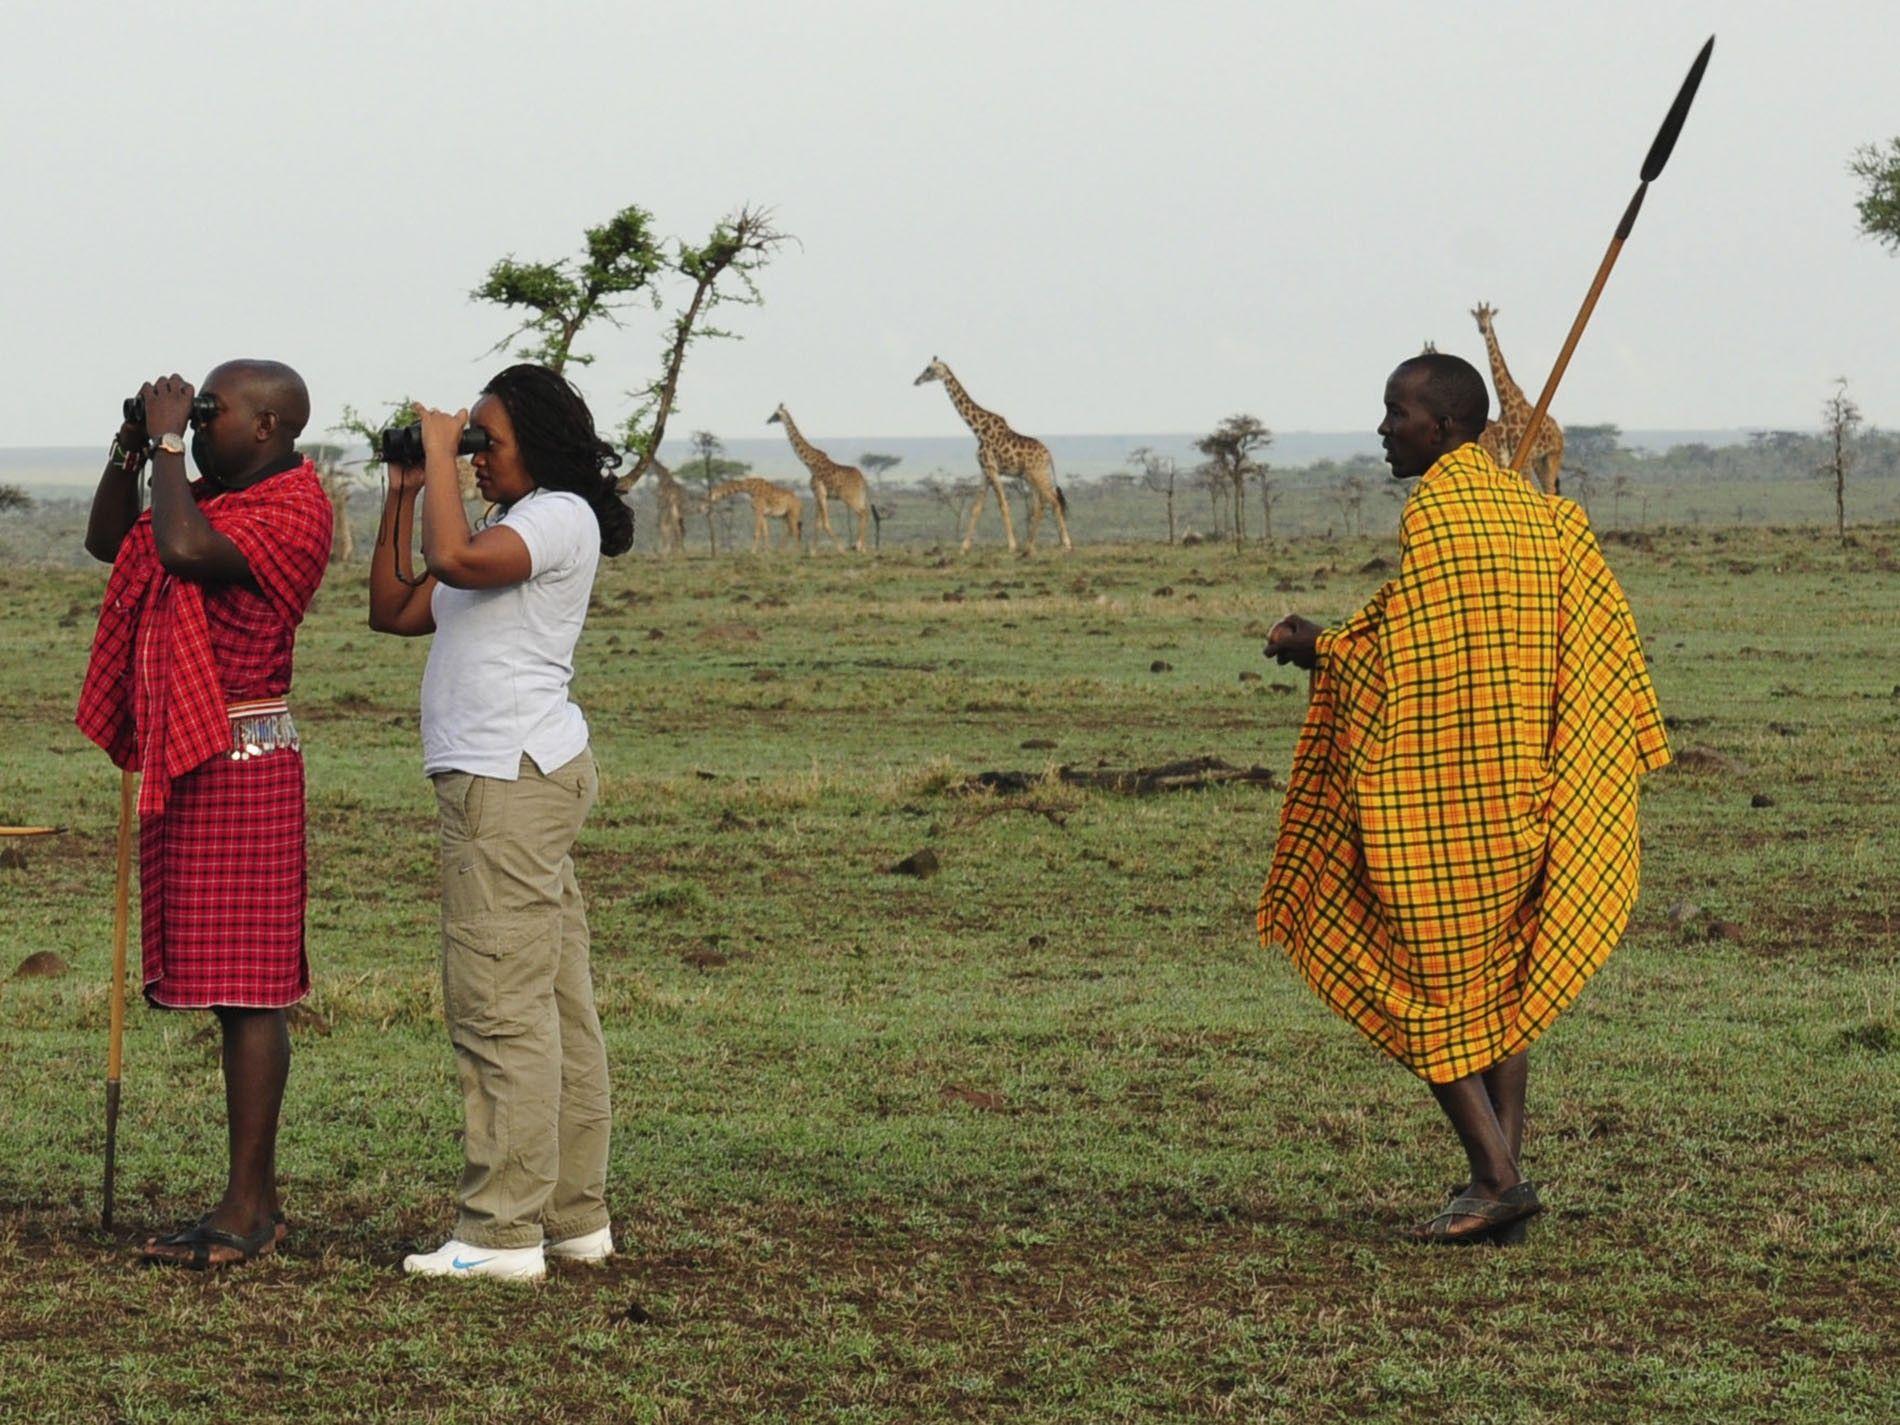 Transtrek Safaris and Basecamp Explorer